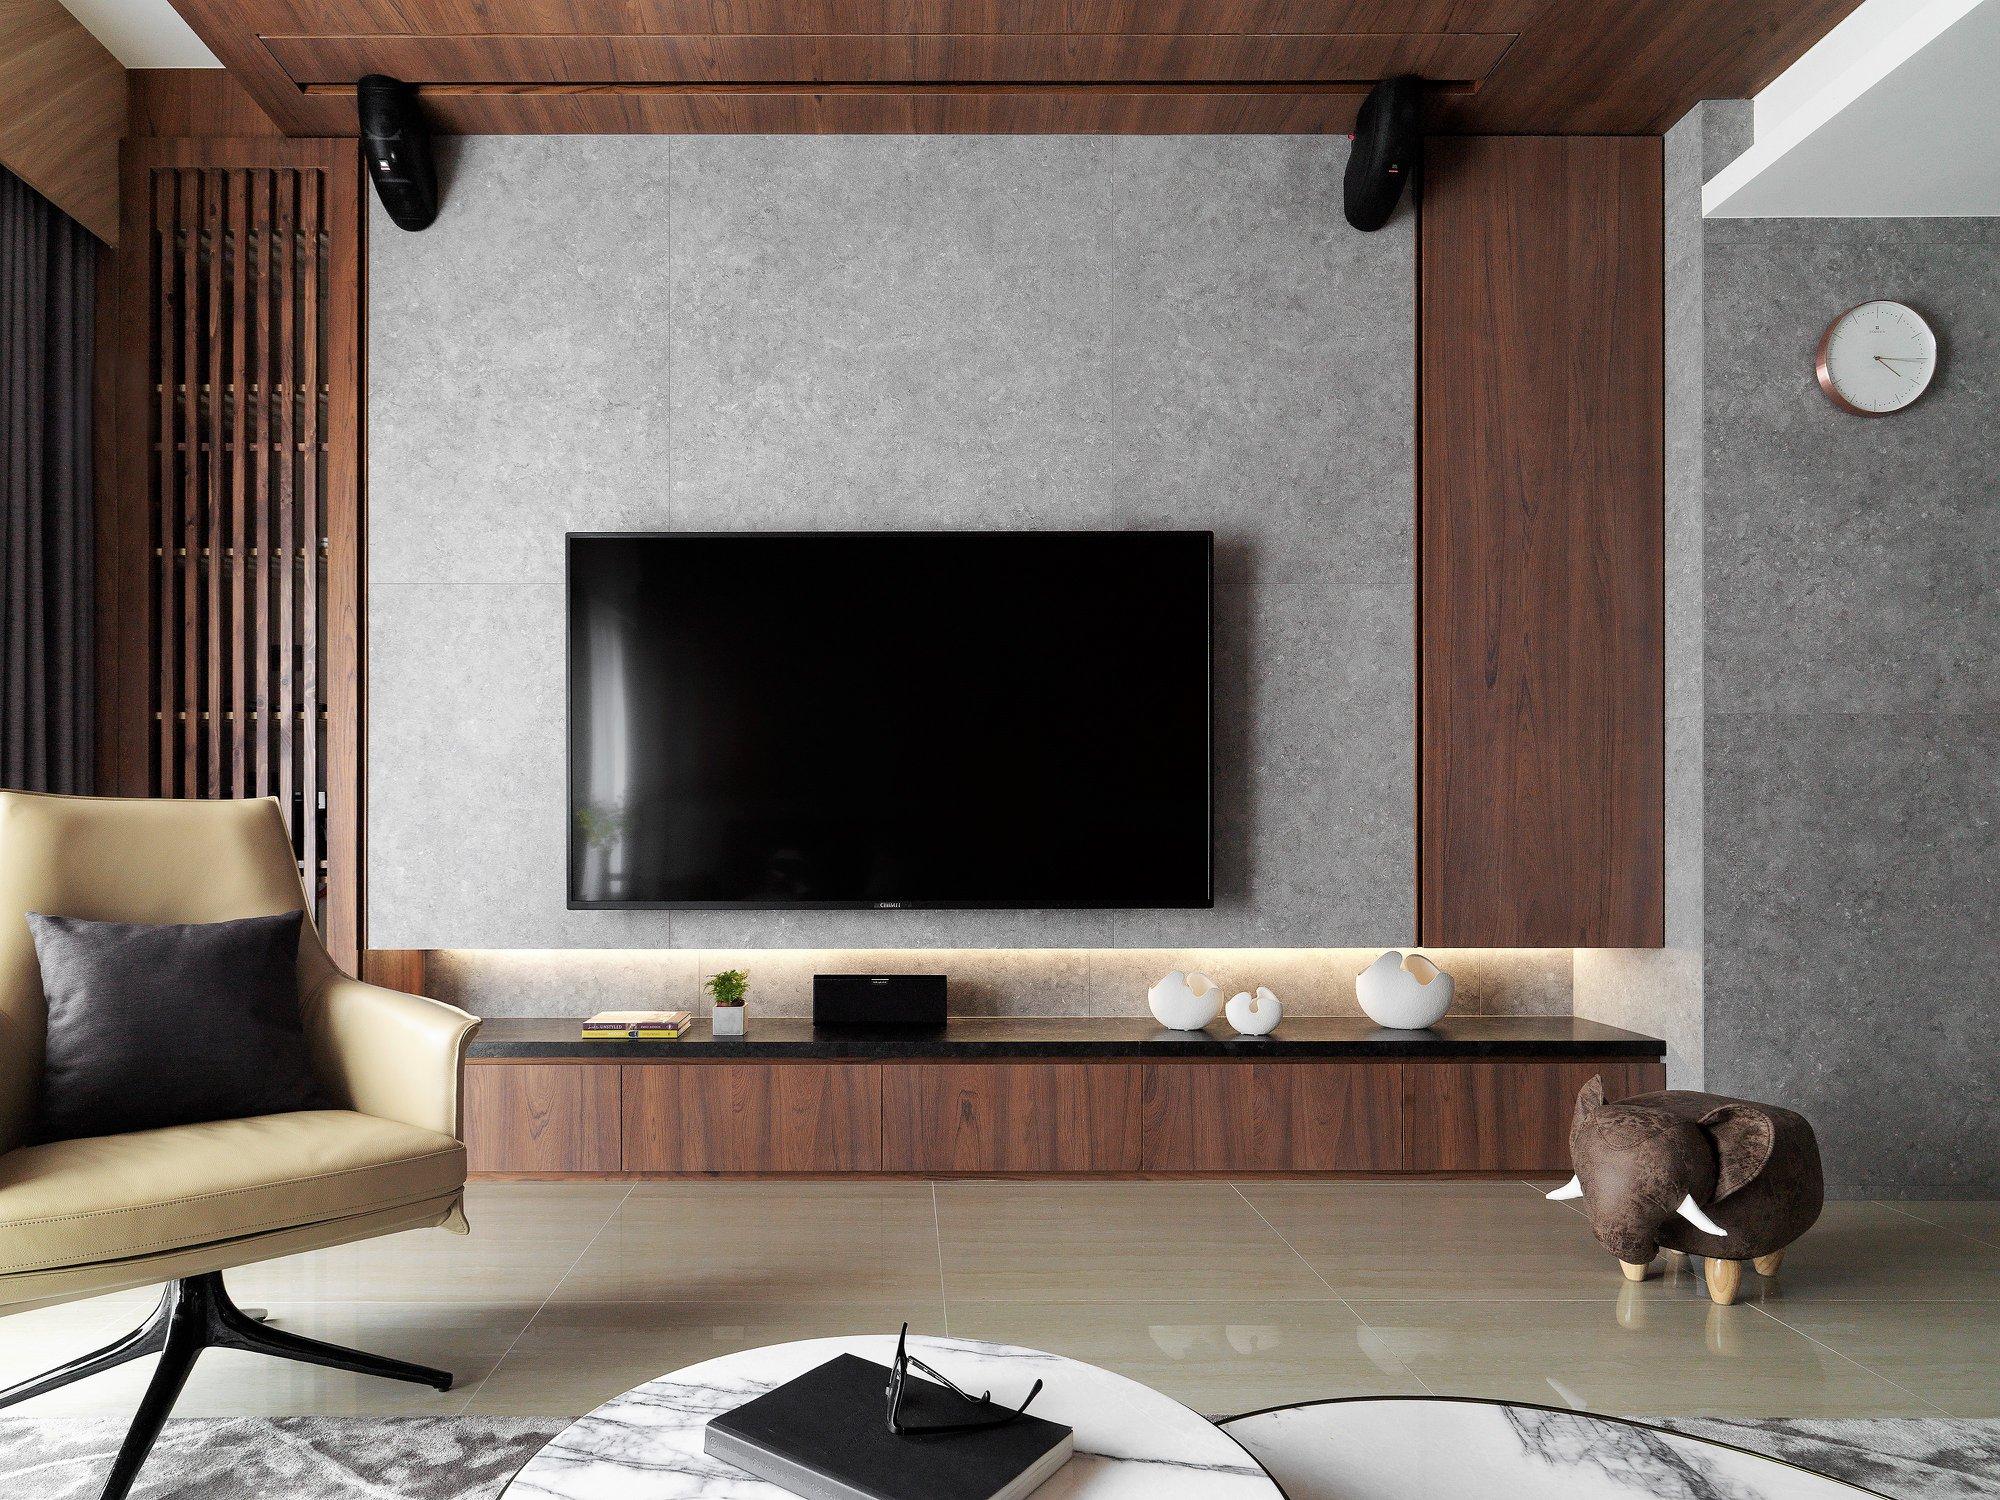 现代简约装修效果图,30万打造140㎡三居室,电视背景墙